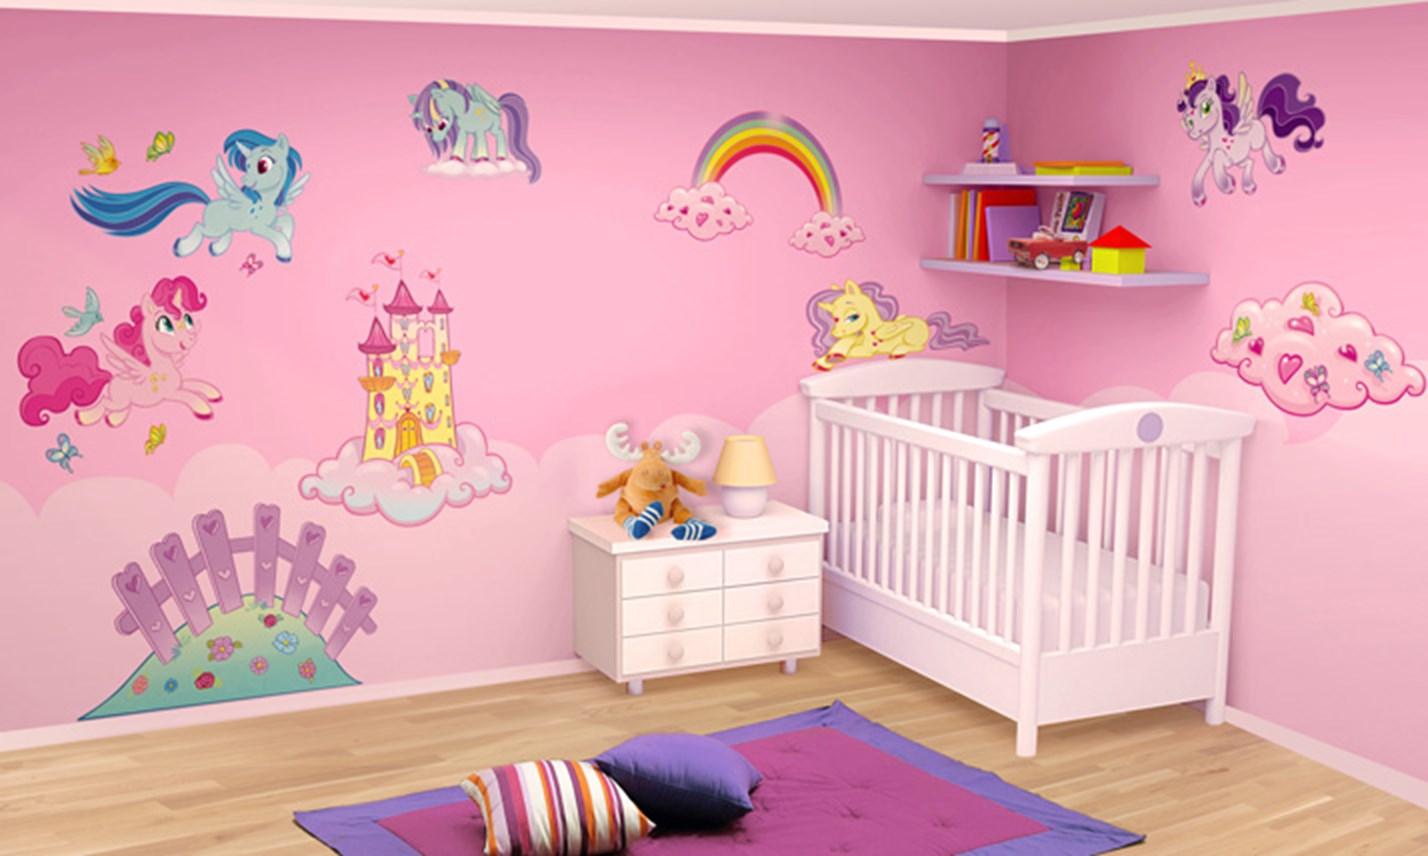 Stickers murali bambini cameretta i mini unicorni - Decorazioni murali camerette bambini ...